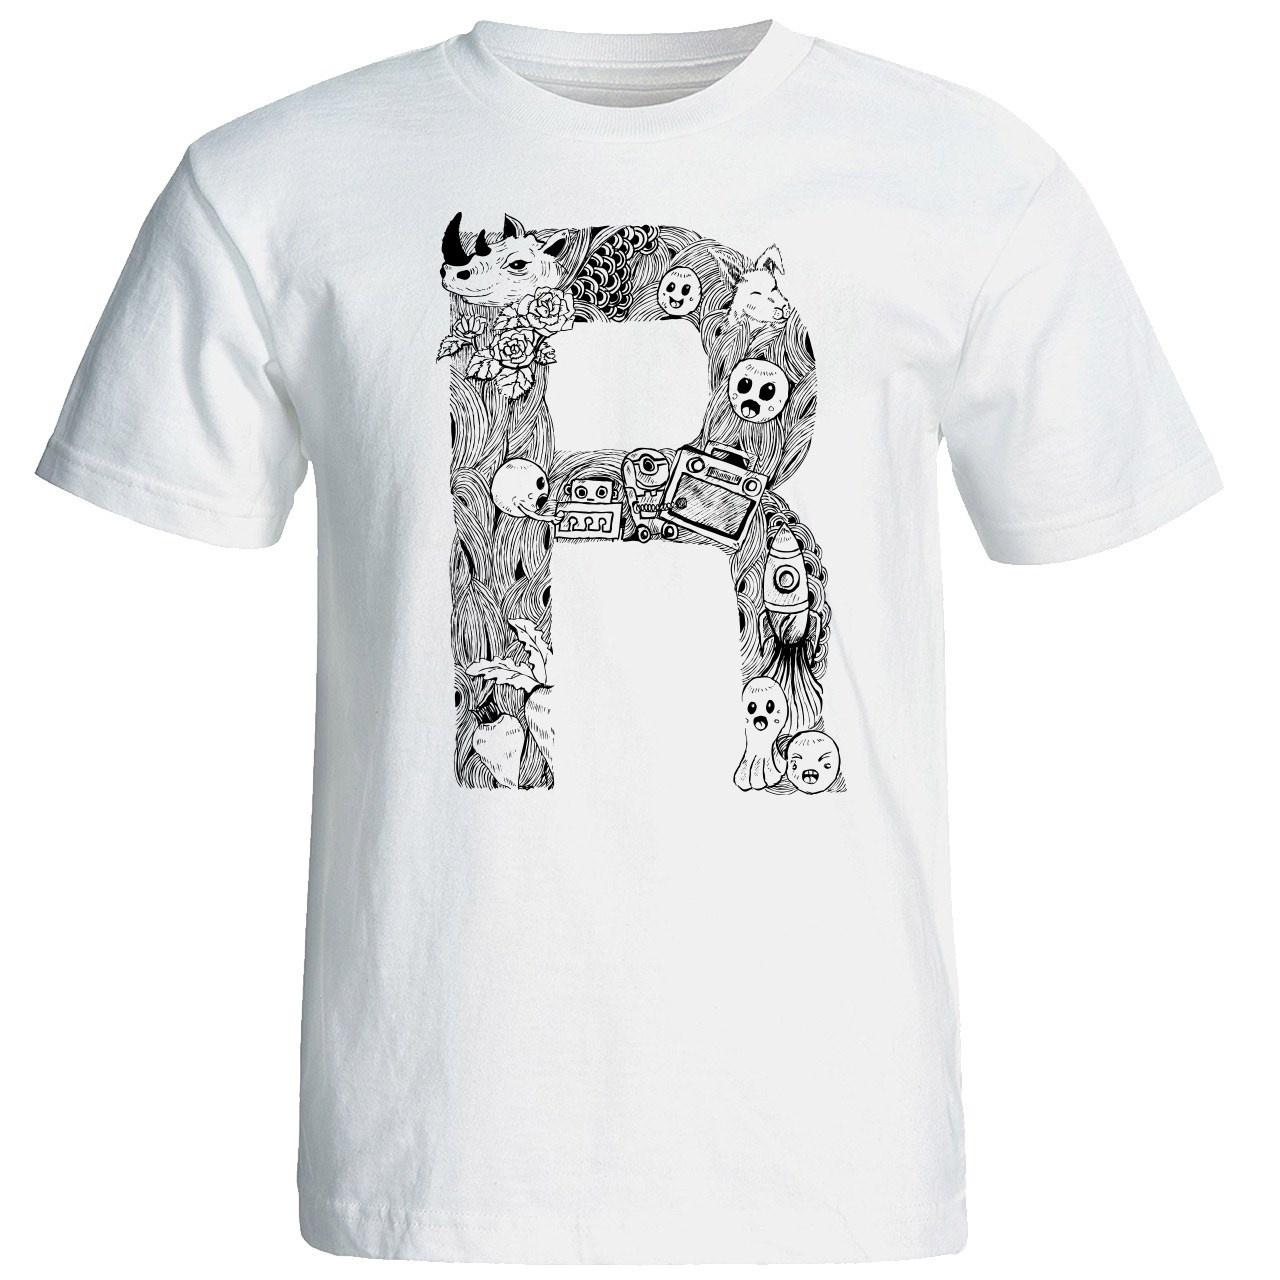 تصویر تی شرت آستین کوتاه مردانه شین دیزاین طرح حروف اول اسم R کد 4555